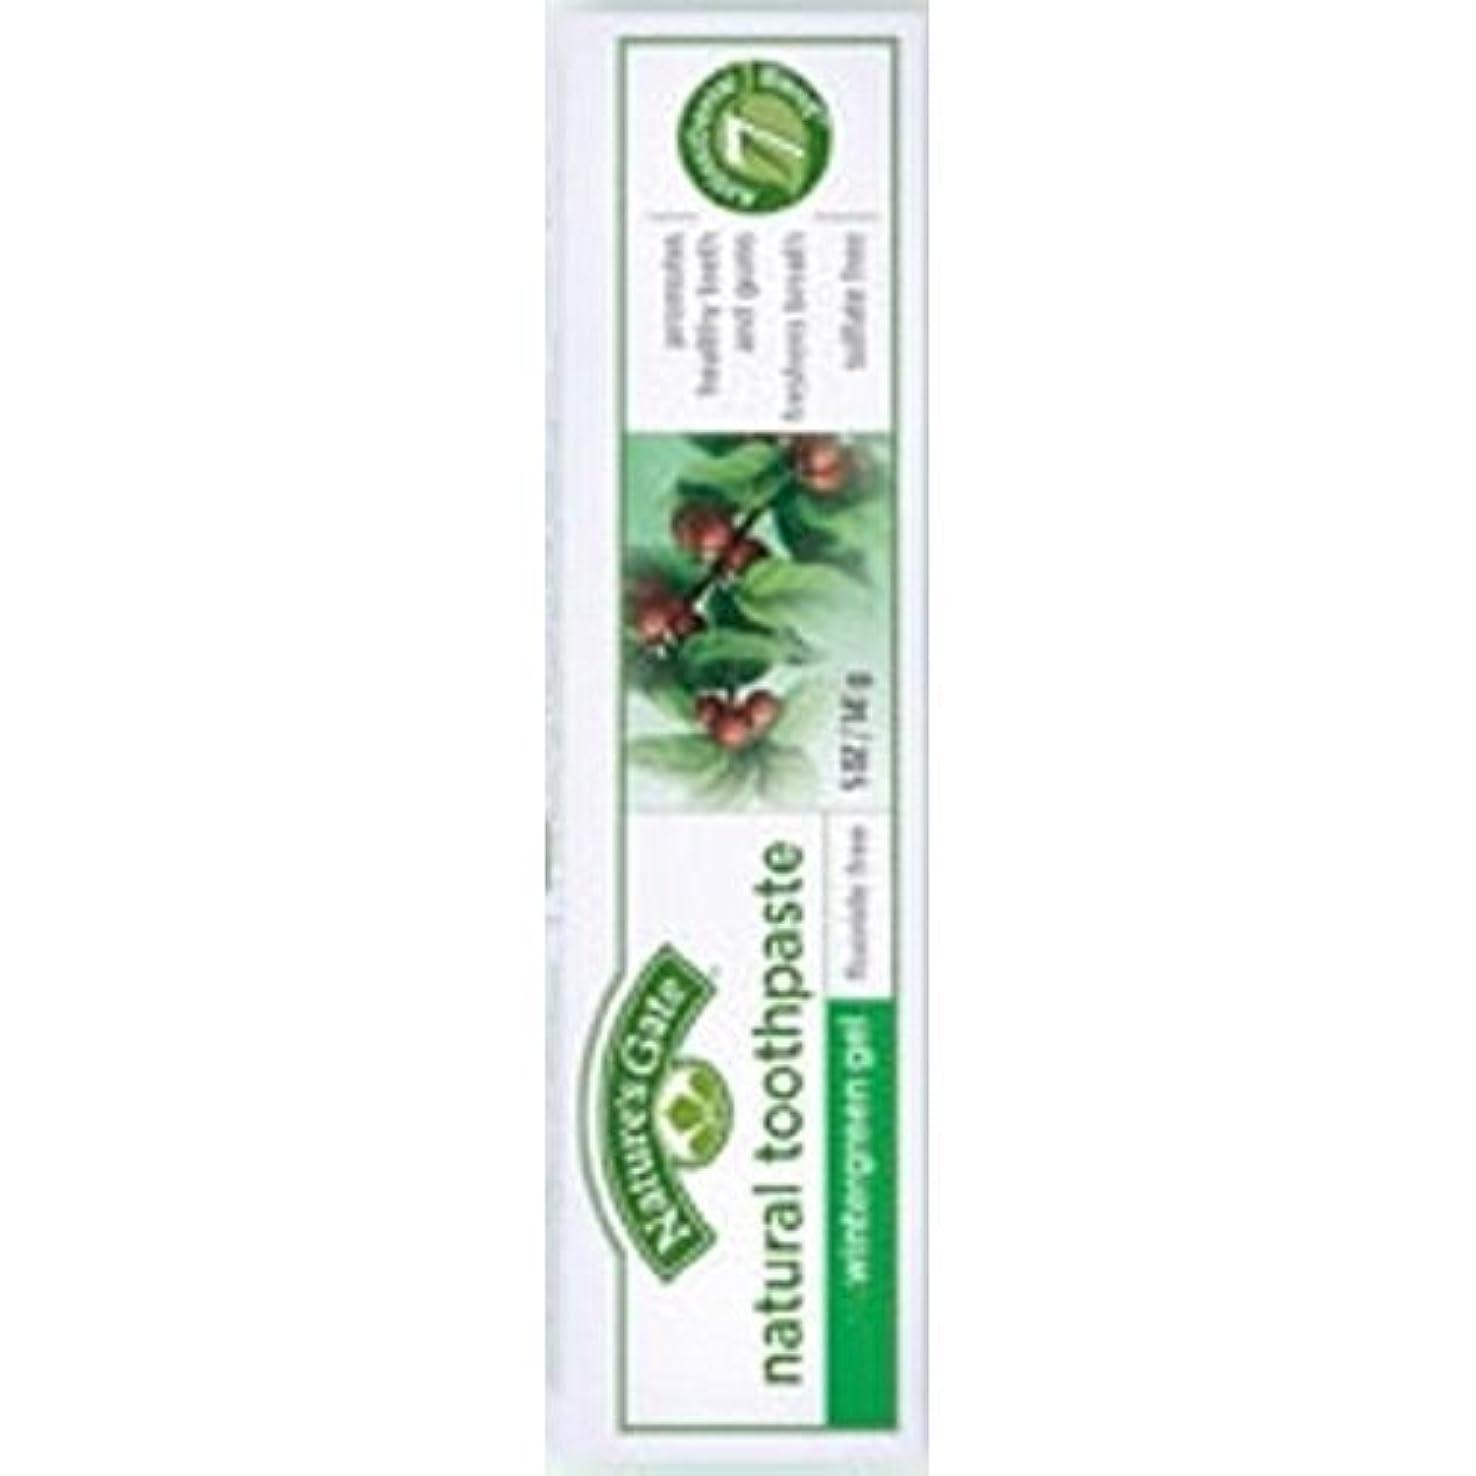 画家ご注意可動式Nature's Gate Natural Toothpaste Gel Flouride Free Wintergreen - 5 oz - Case of 6 by Nature's Gate [並行輸入品]